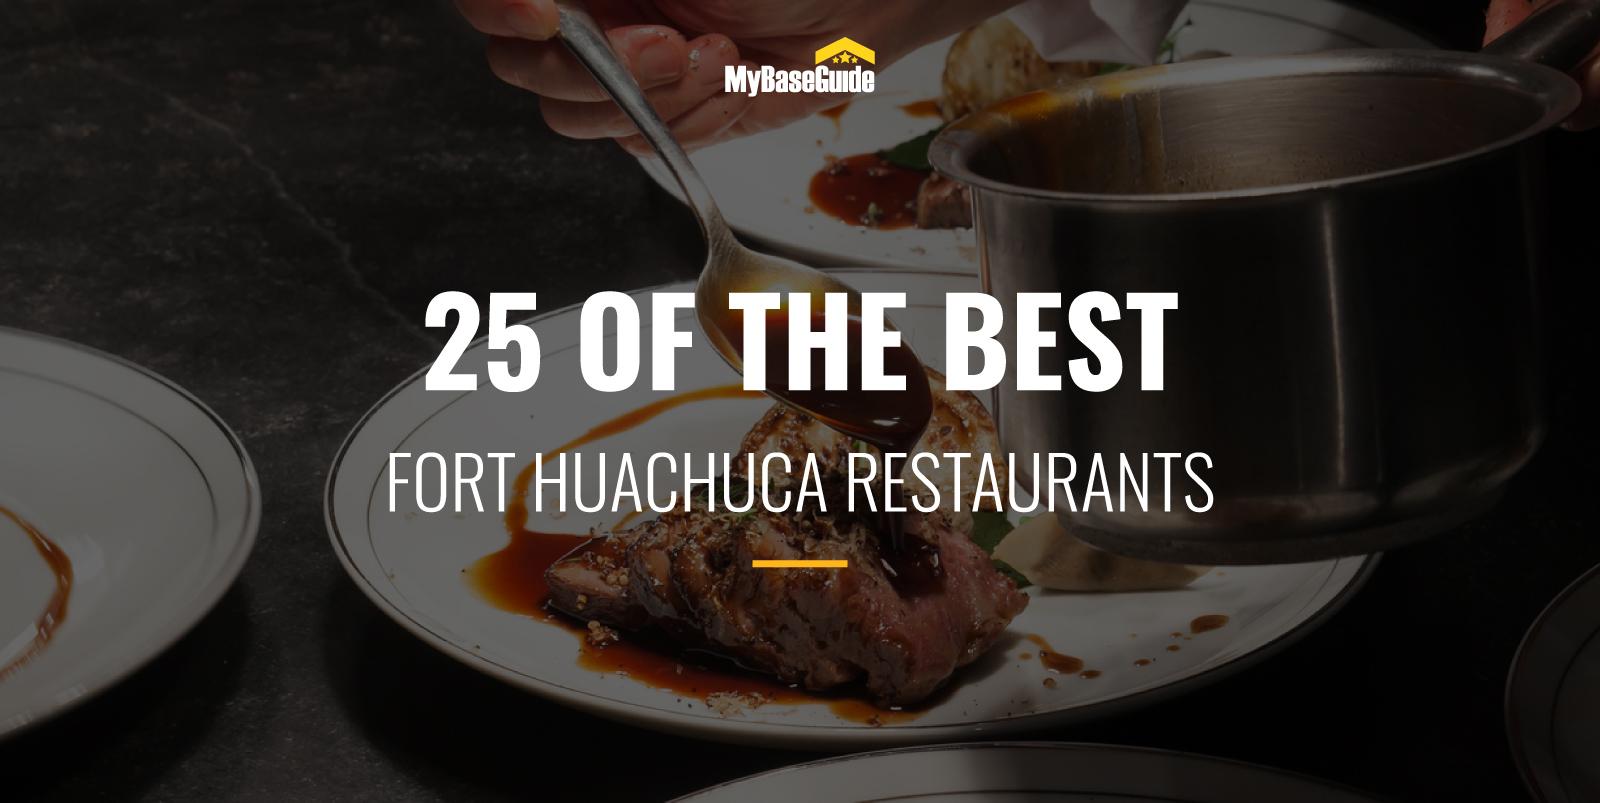 25 of the Best Fort Huachuca Restaurants